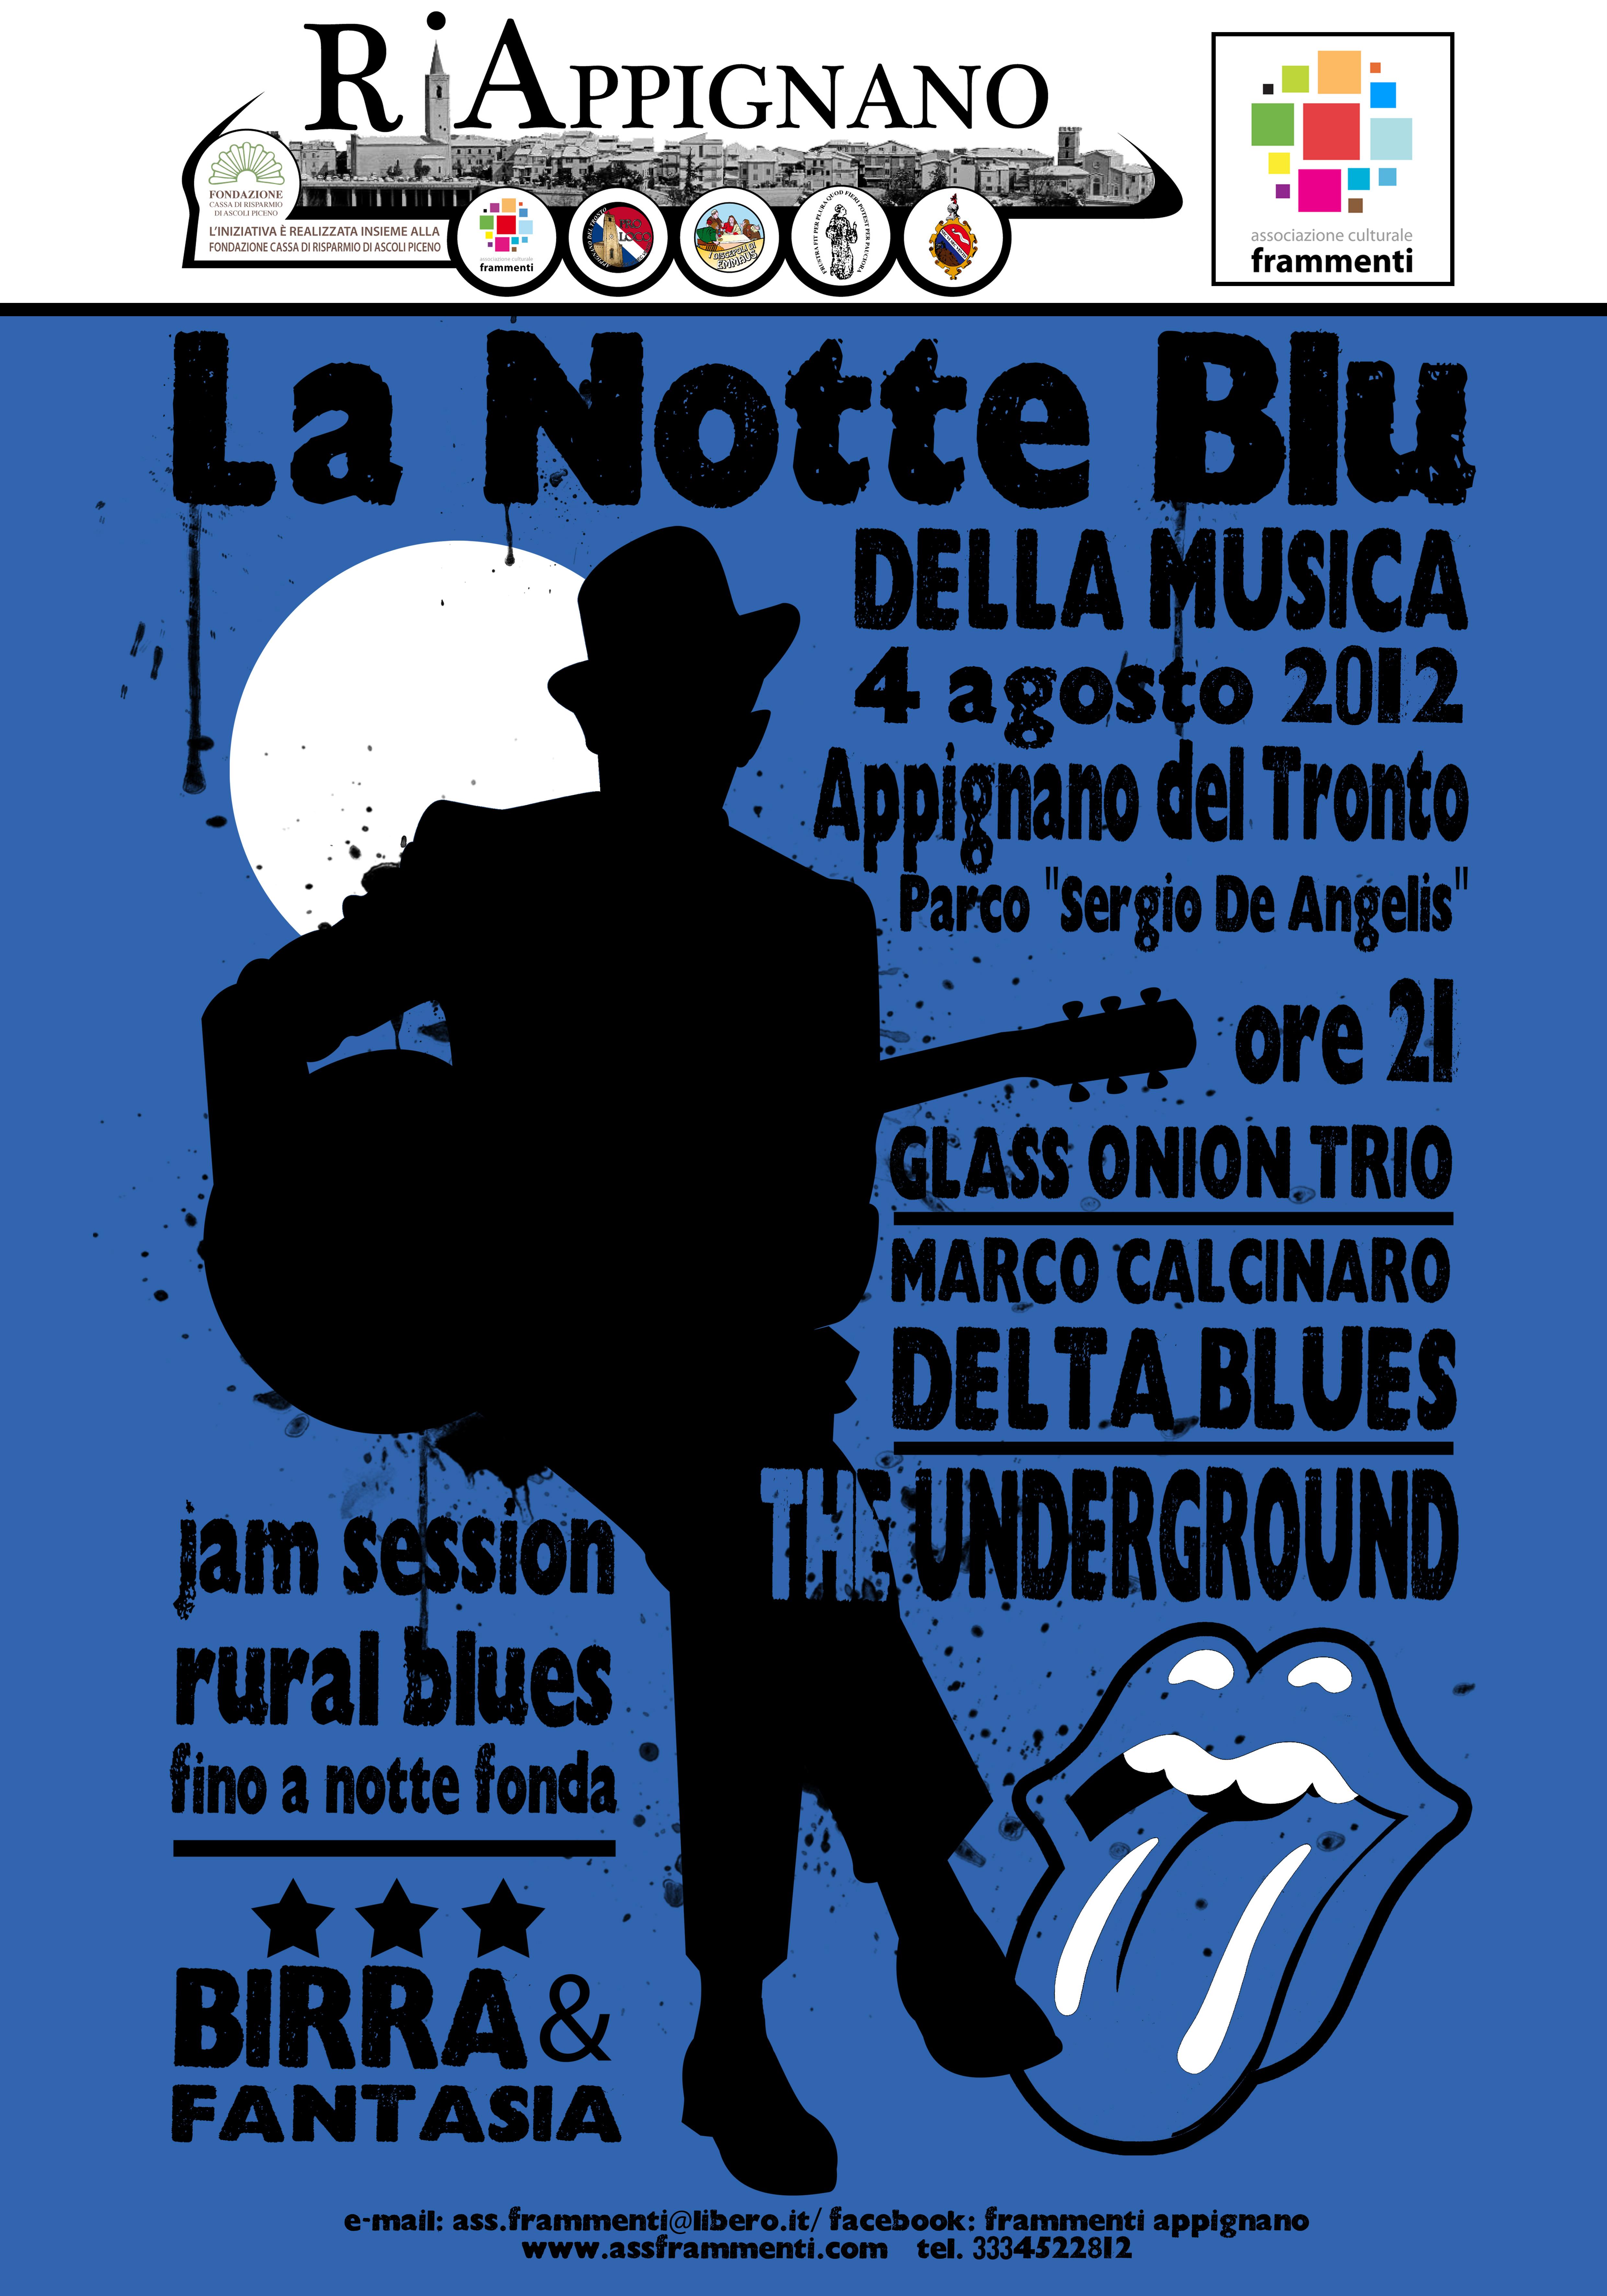 La notte blu della musica